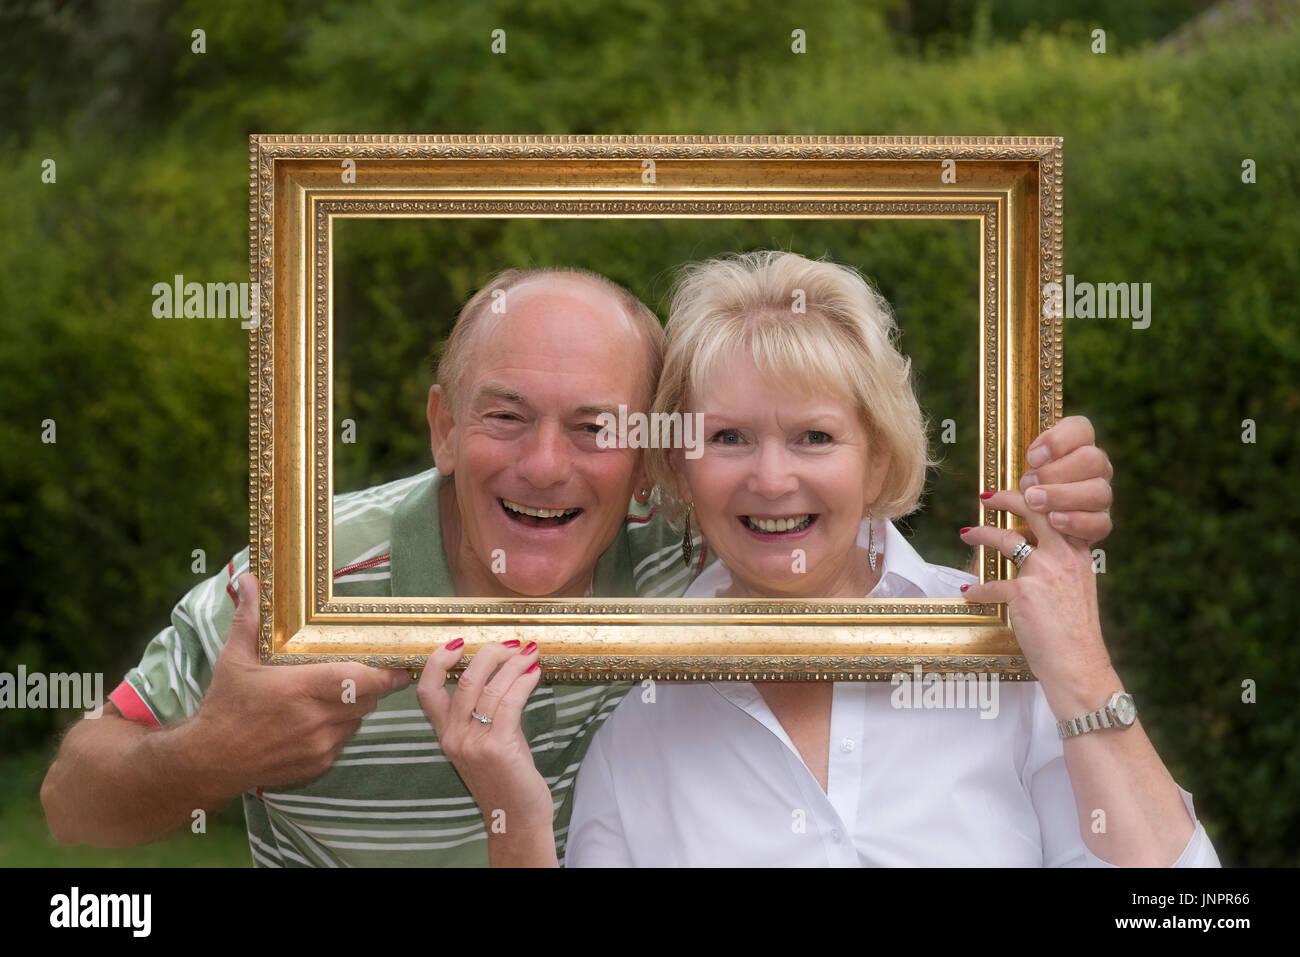 Retrato de una pareja de ancianos jugando con un marco de imagen en ...